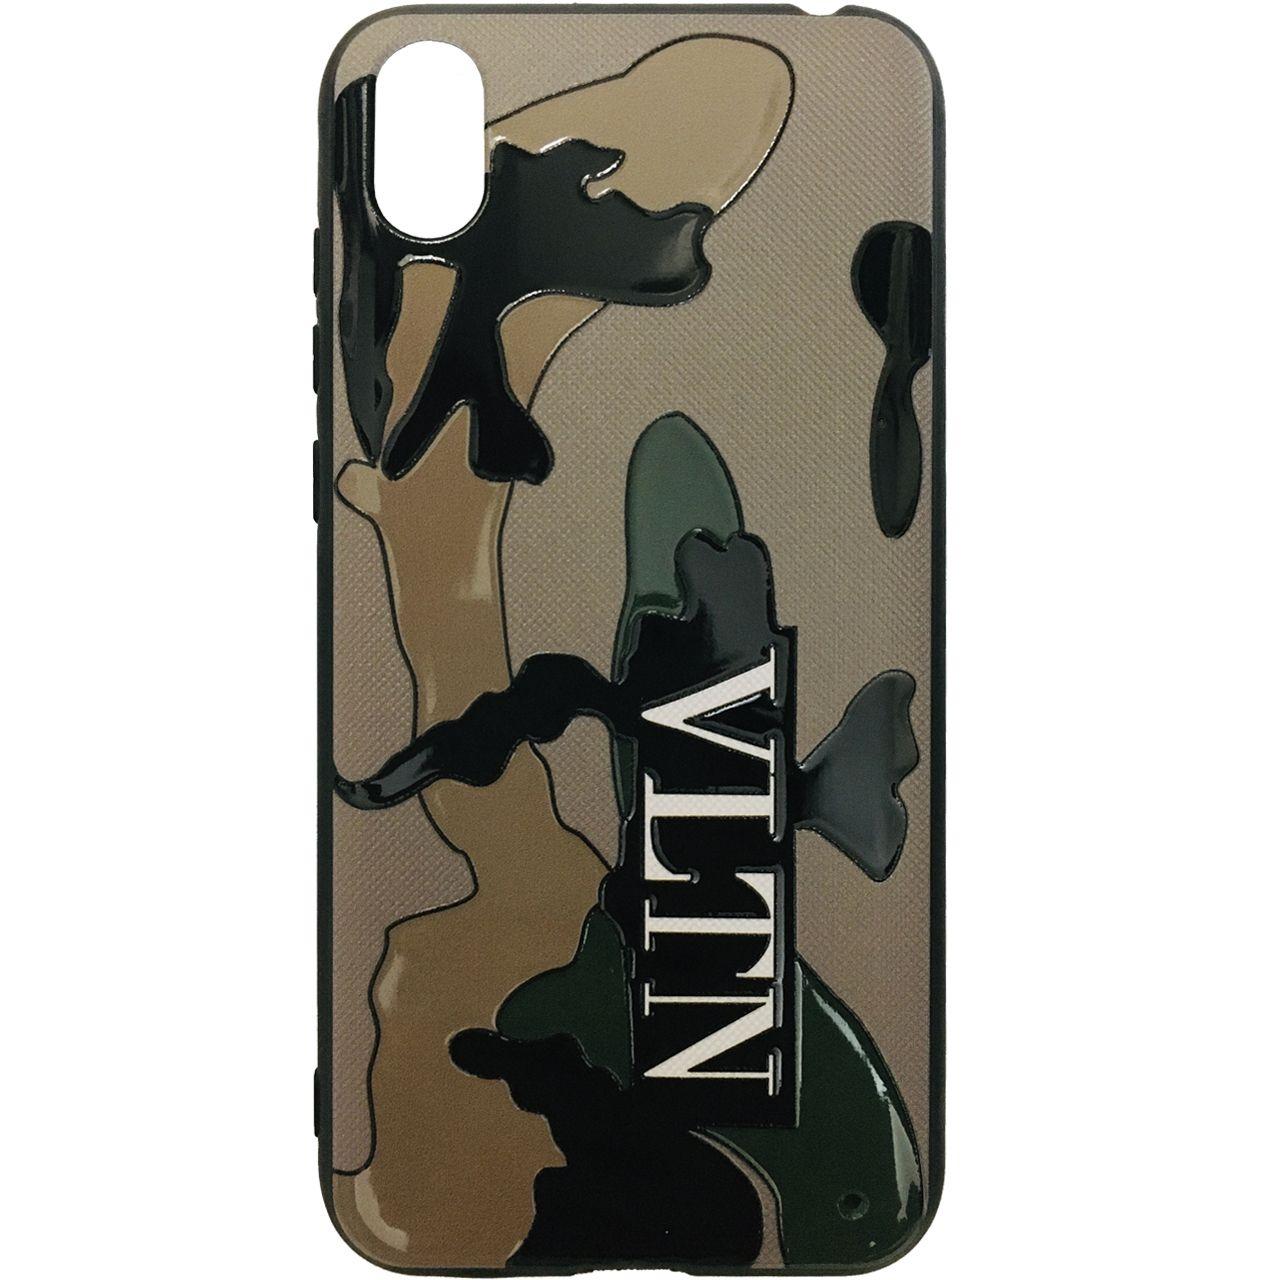 کاور طرح Vltn کد 0408 مناسب برای گوشی موبایل هوآوی Y5 2019 / آنر 8S main 1 1